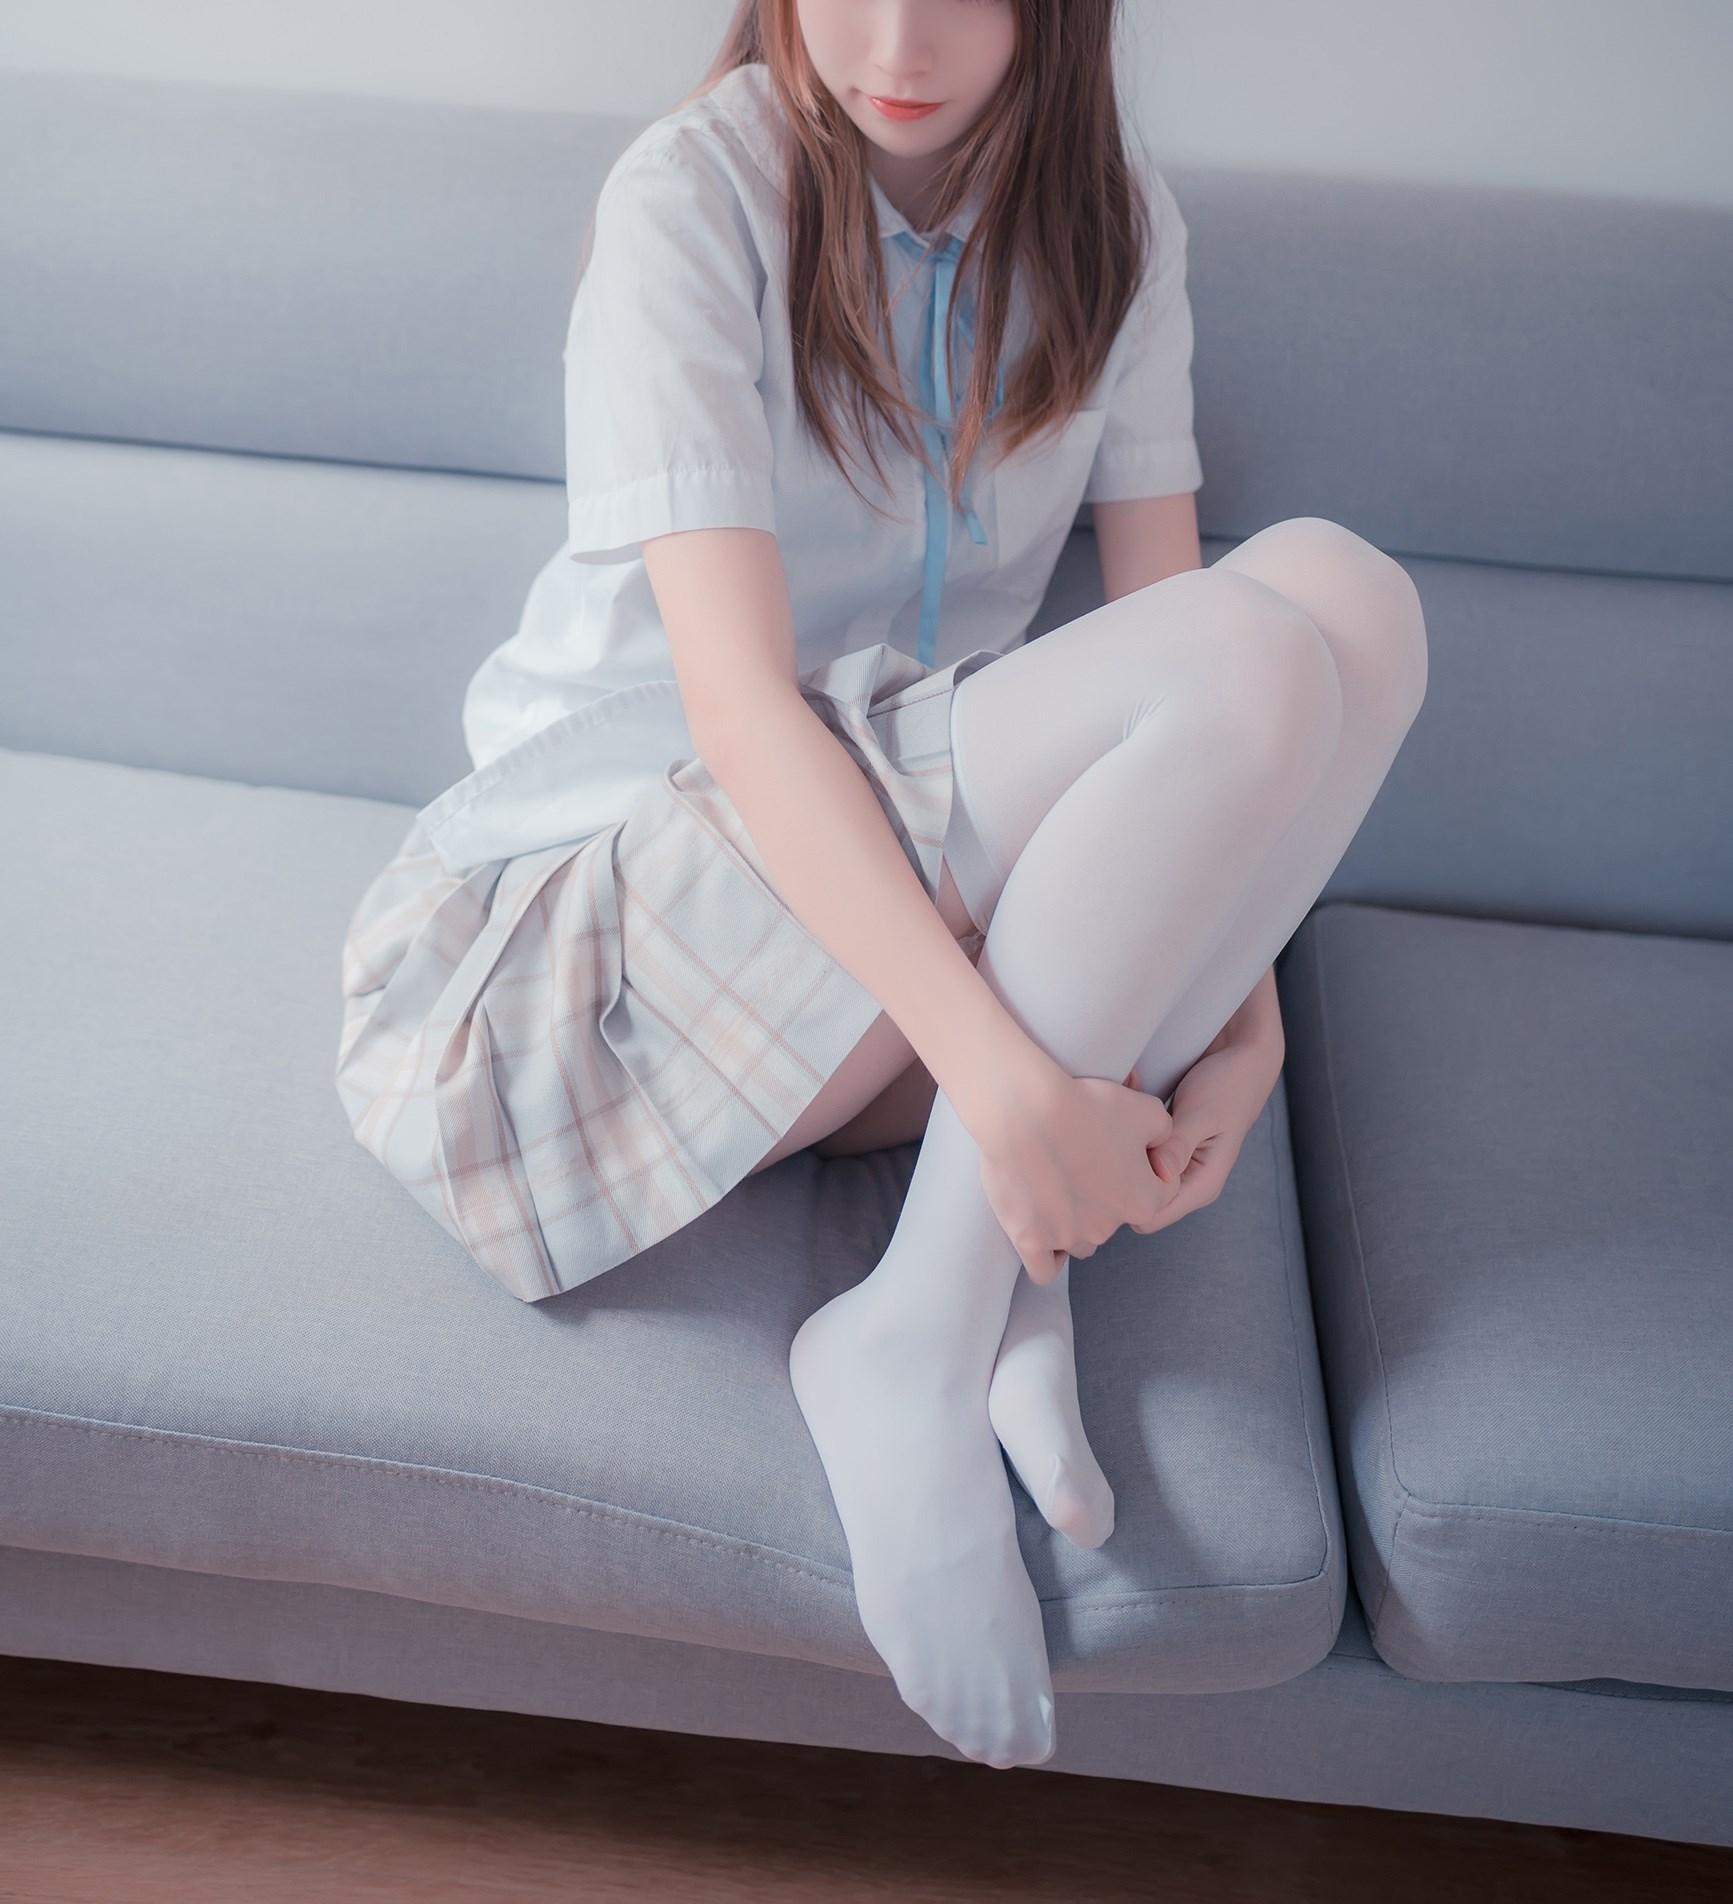 【兔玩映画】沙发上的JK少女 兔玩映画 第33张